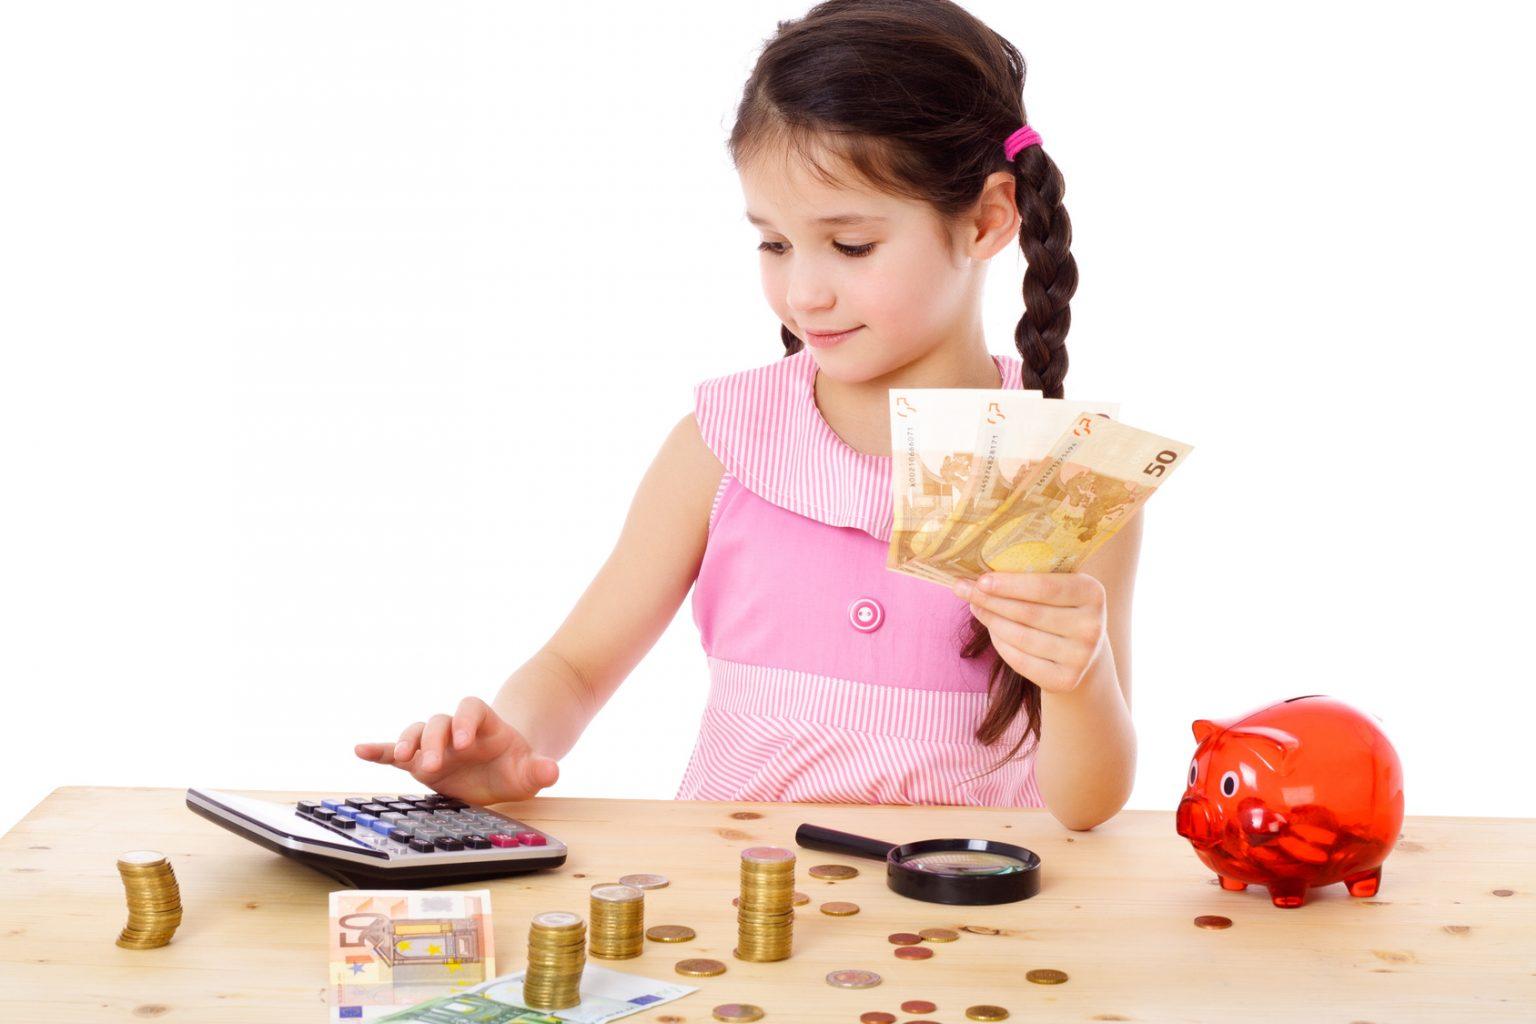 Дети и финансы. что ребенок должен знать о деньгах?